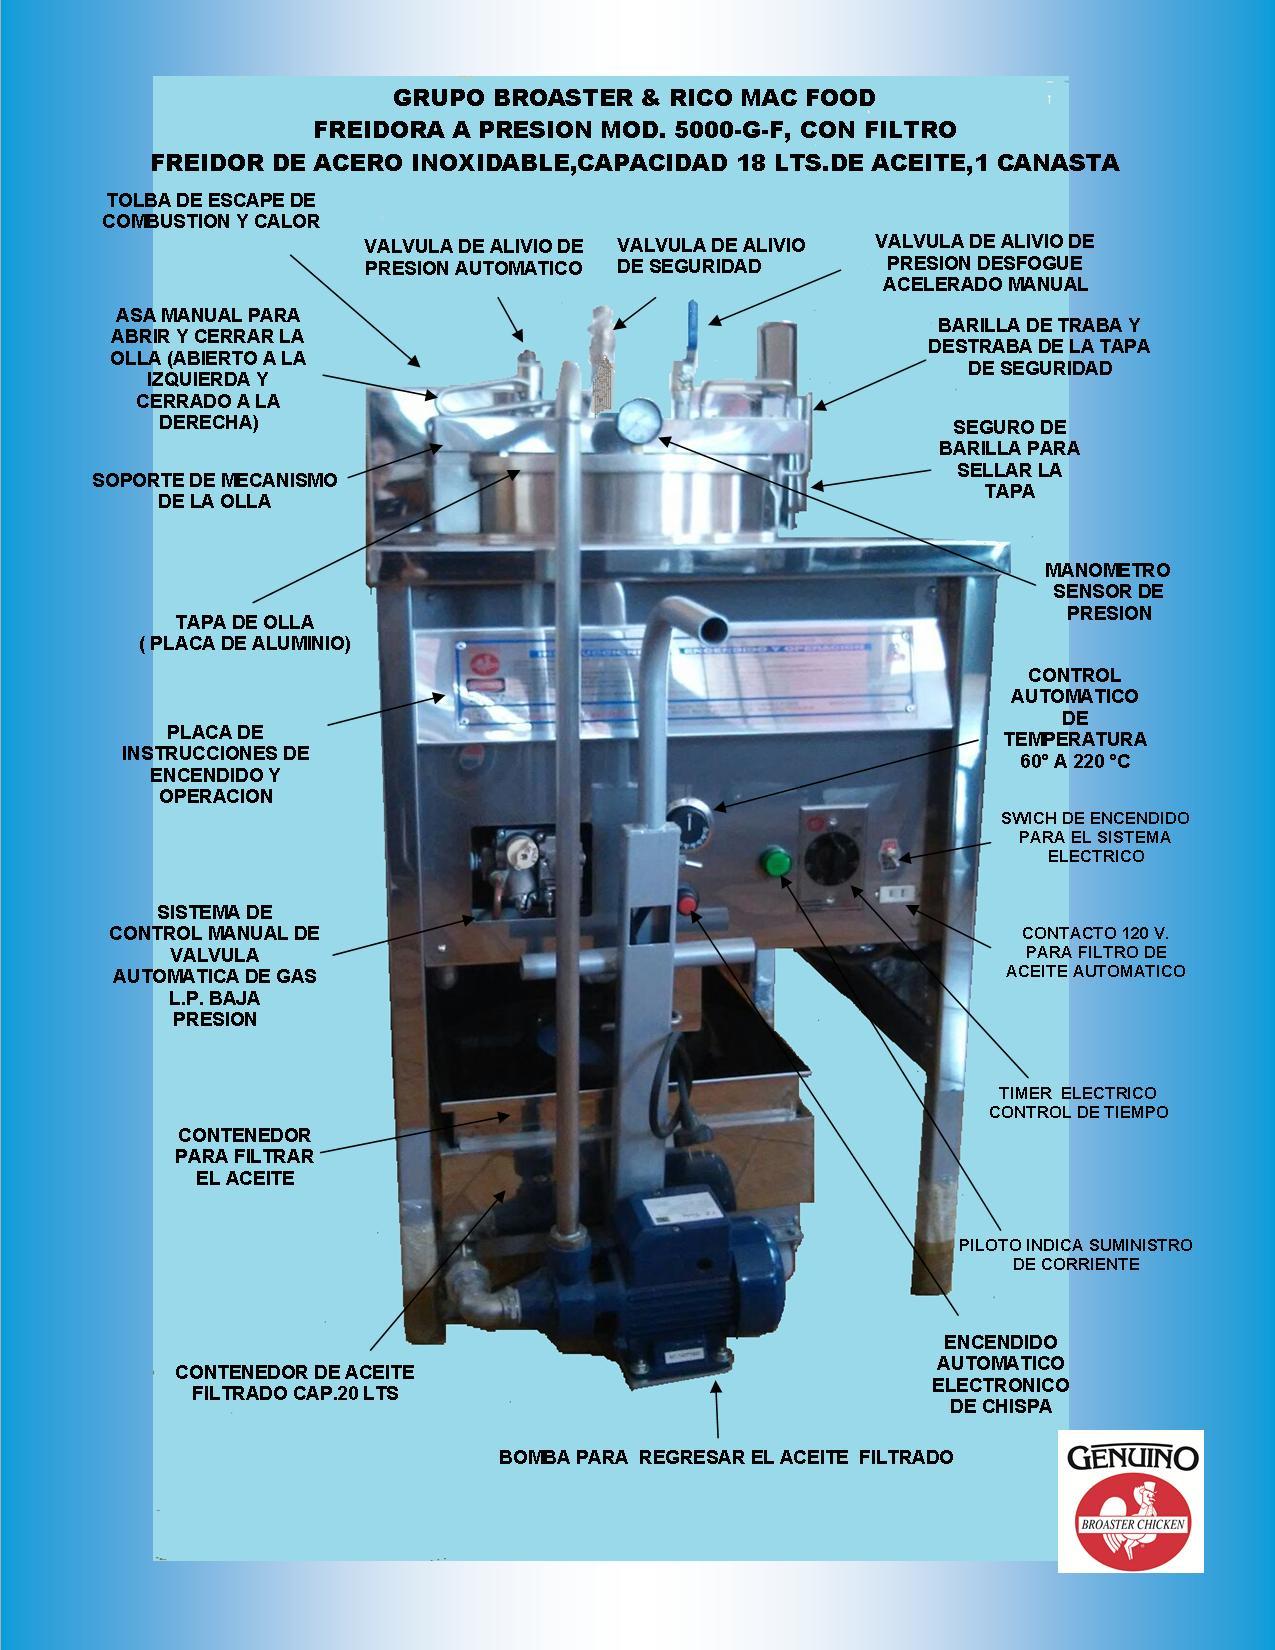 Freidor a presión Mod. 5000-G-F